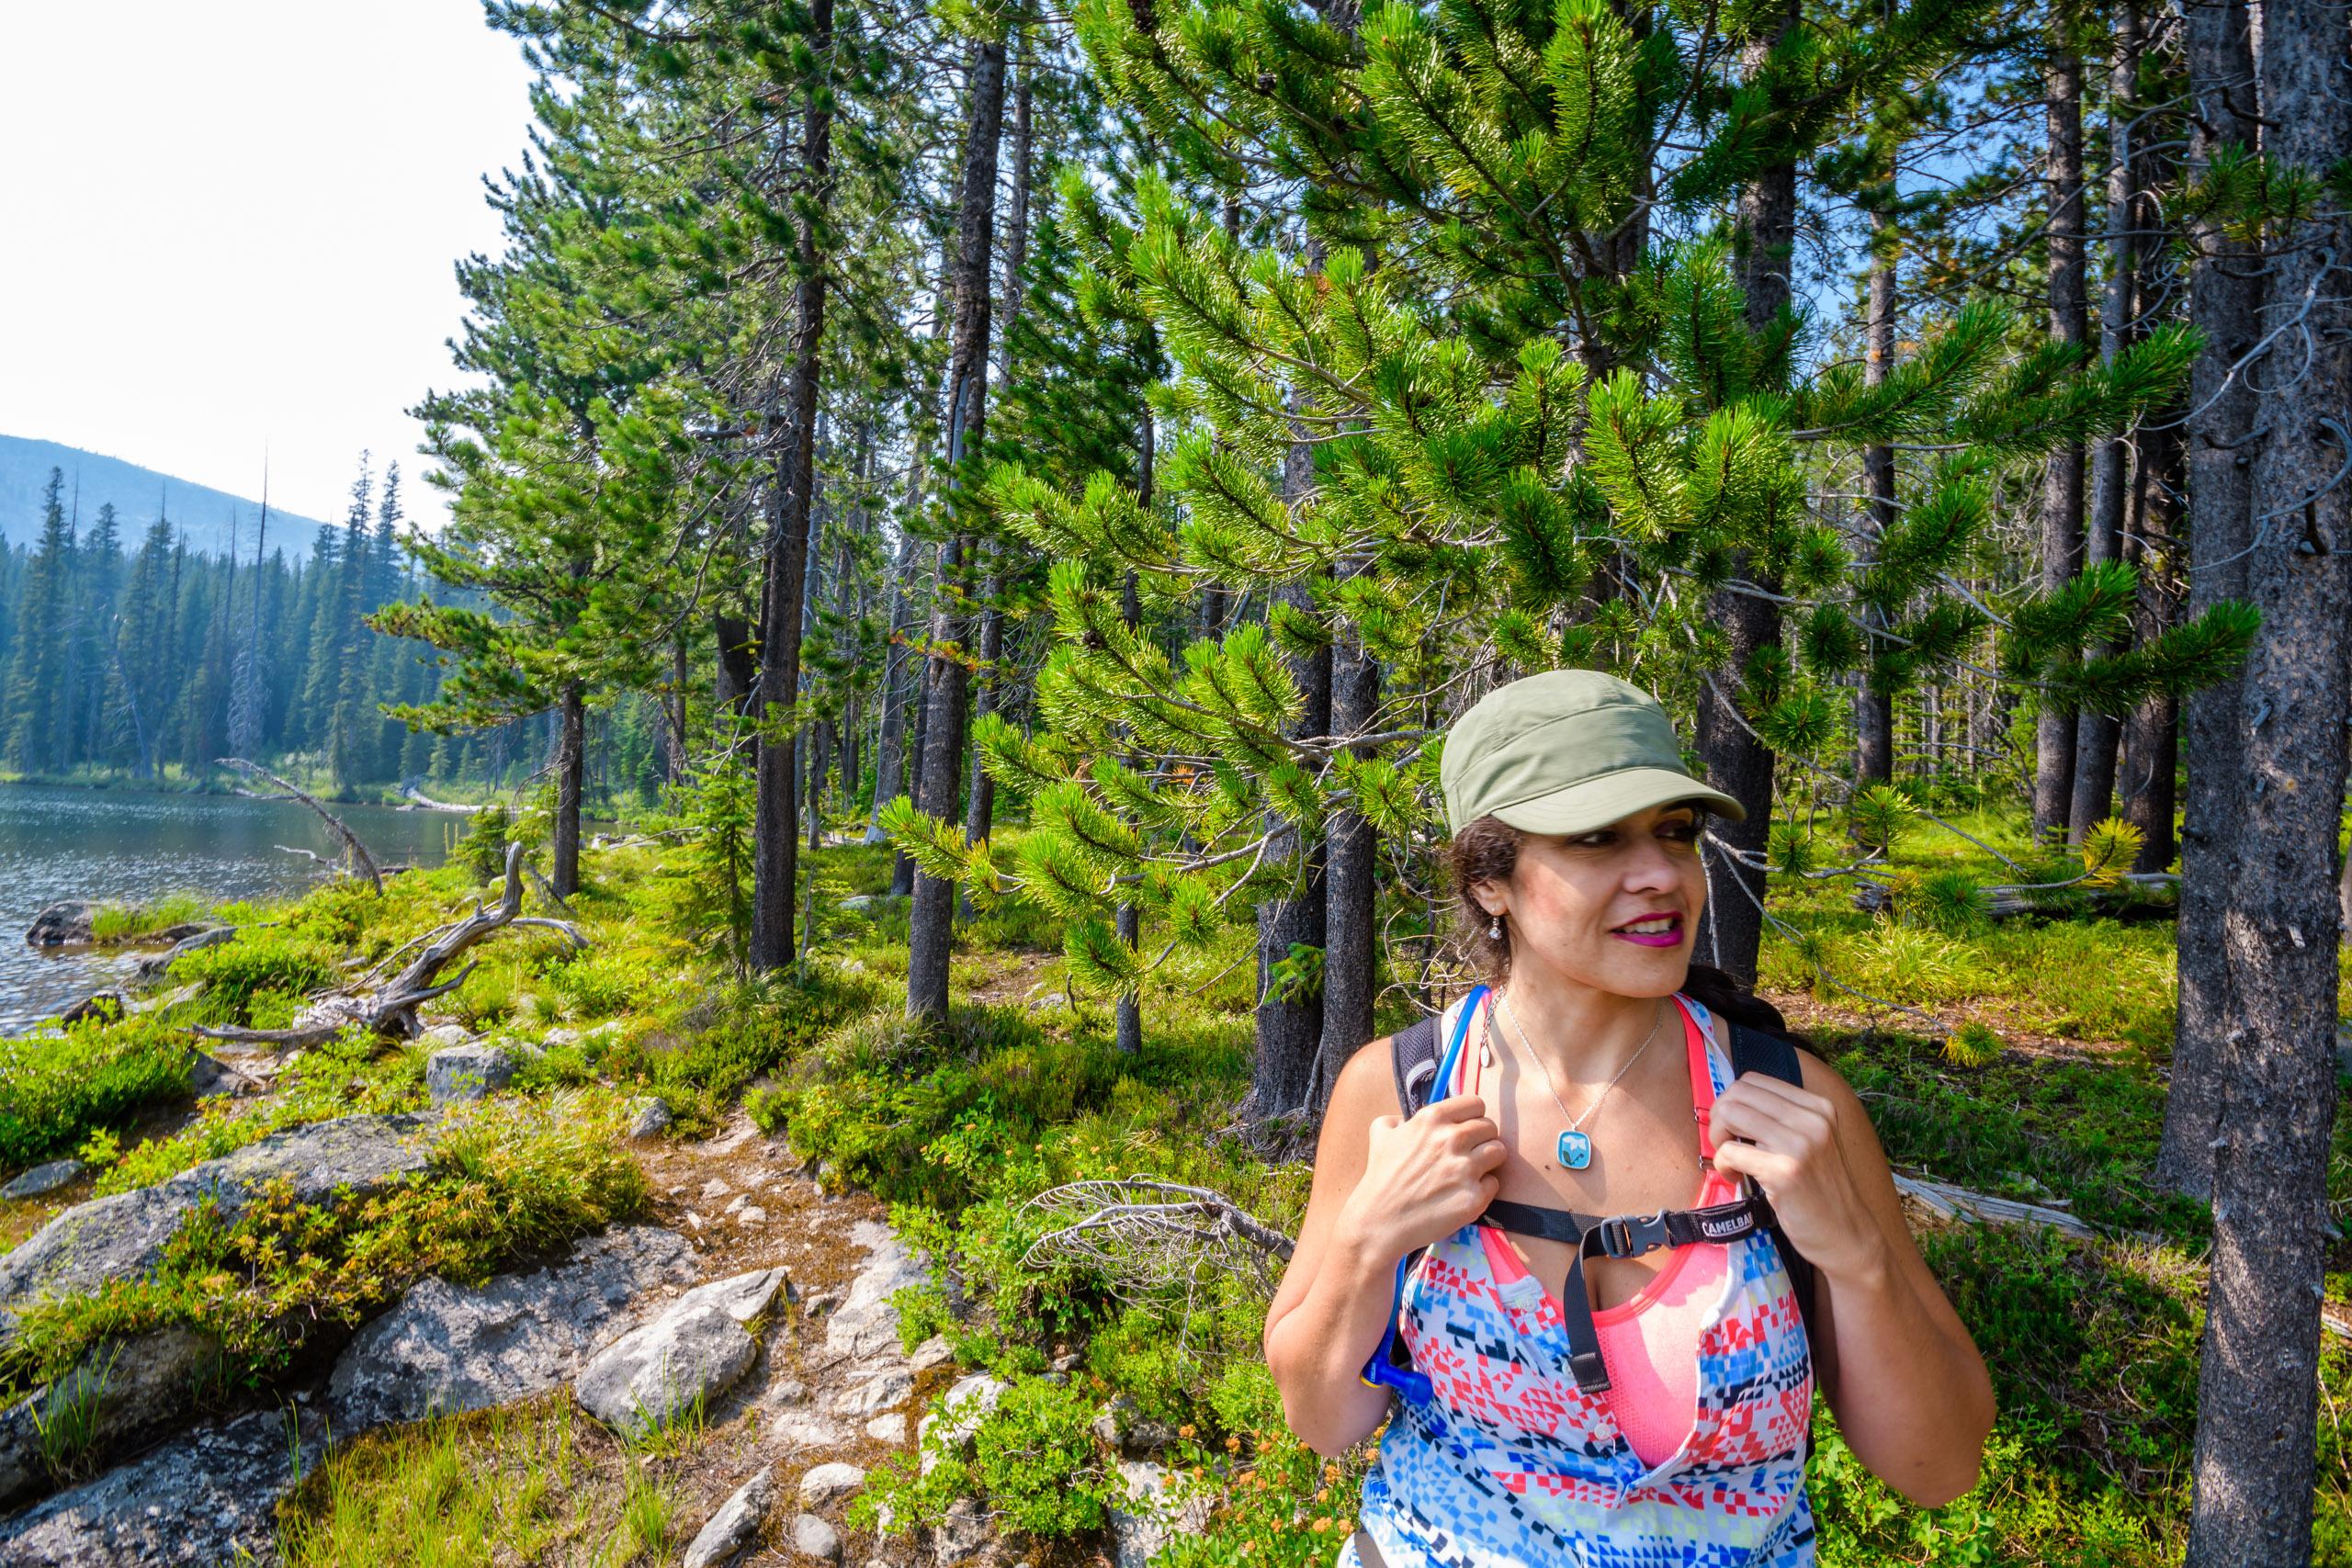 Vida getting ready for the return hike